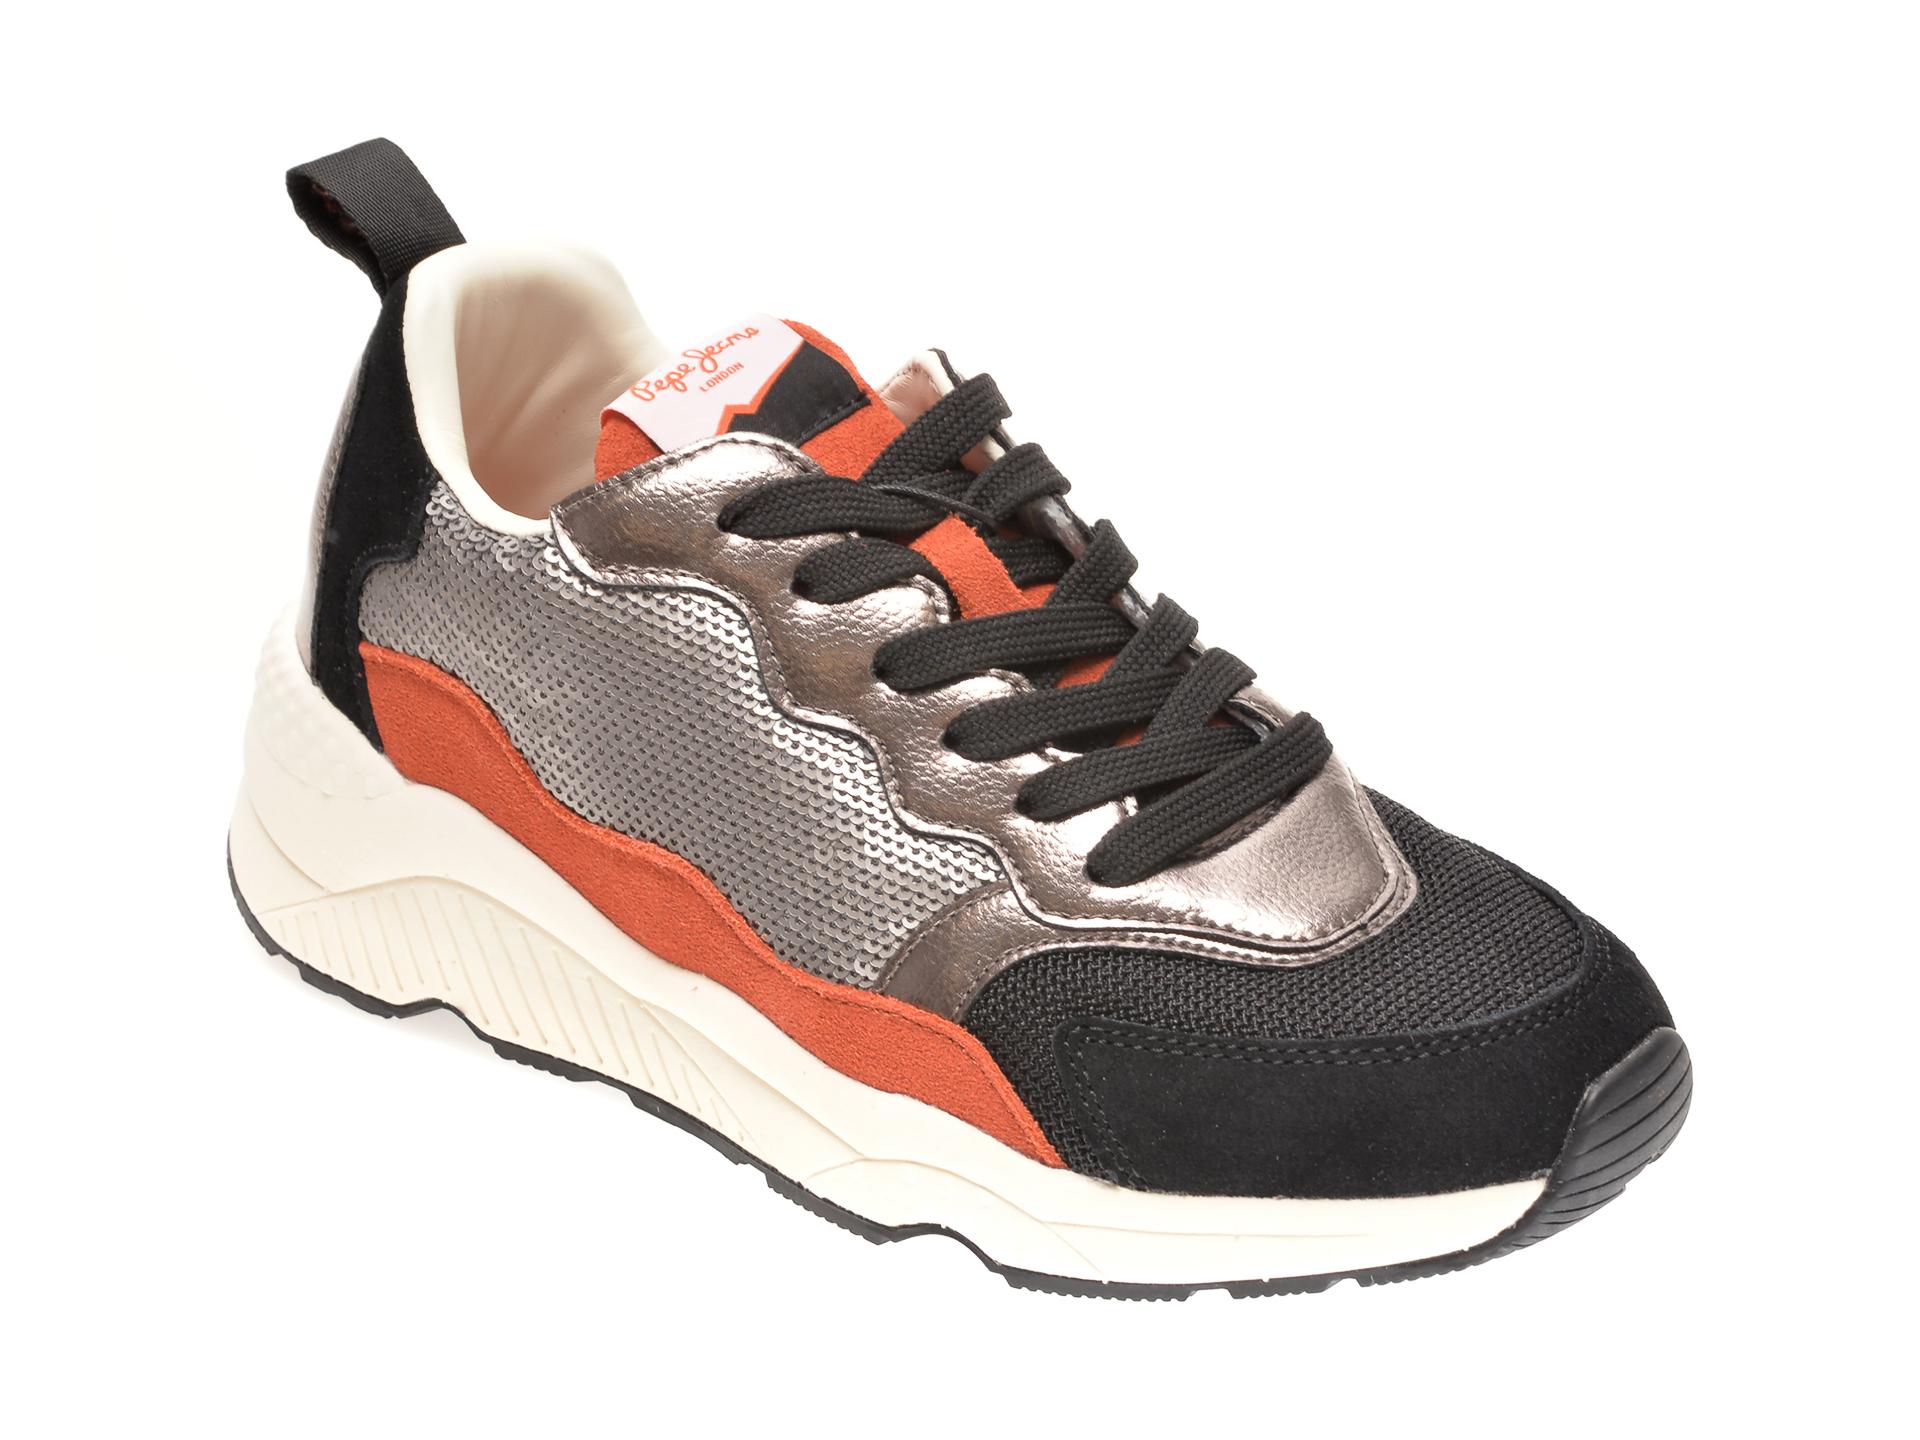 Pantofi sport PEPE JEANS negri, LS31078, din piele ecologica